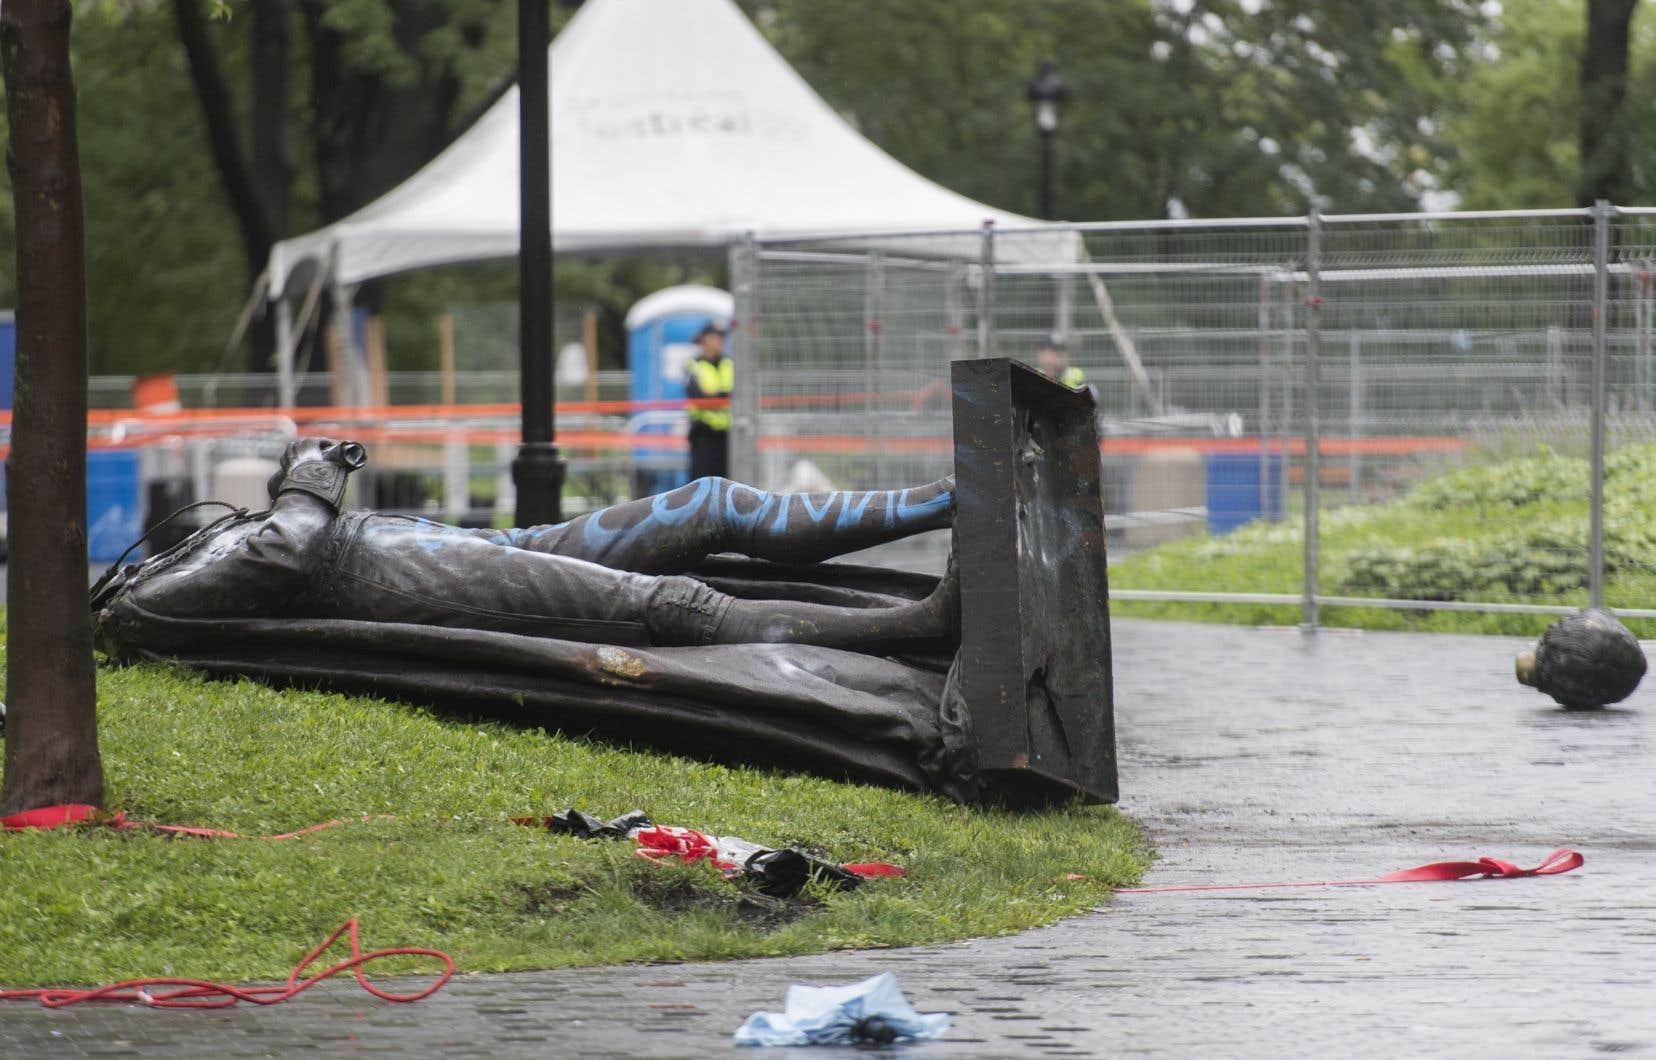 La statue à l'effigie de John A. Macdonald a été déboulonnée samedi en marge d'une manifestation appelant à réduire le financement de la police.